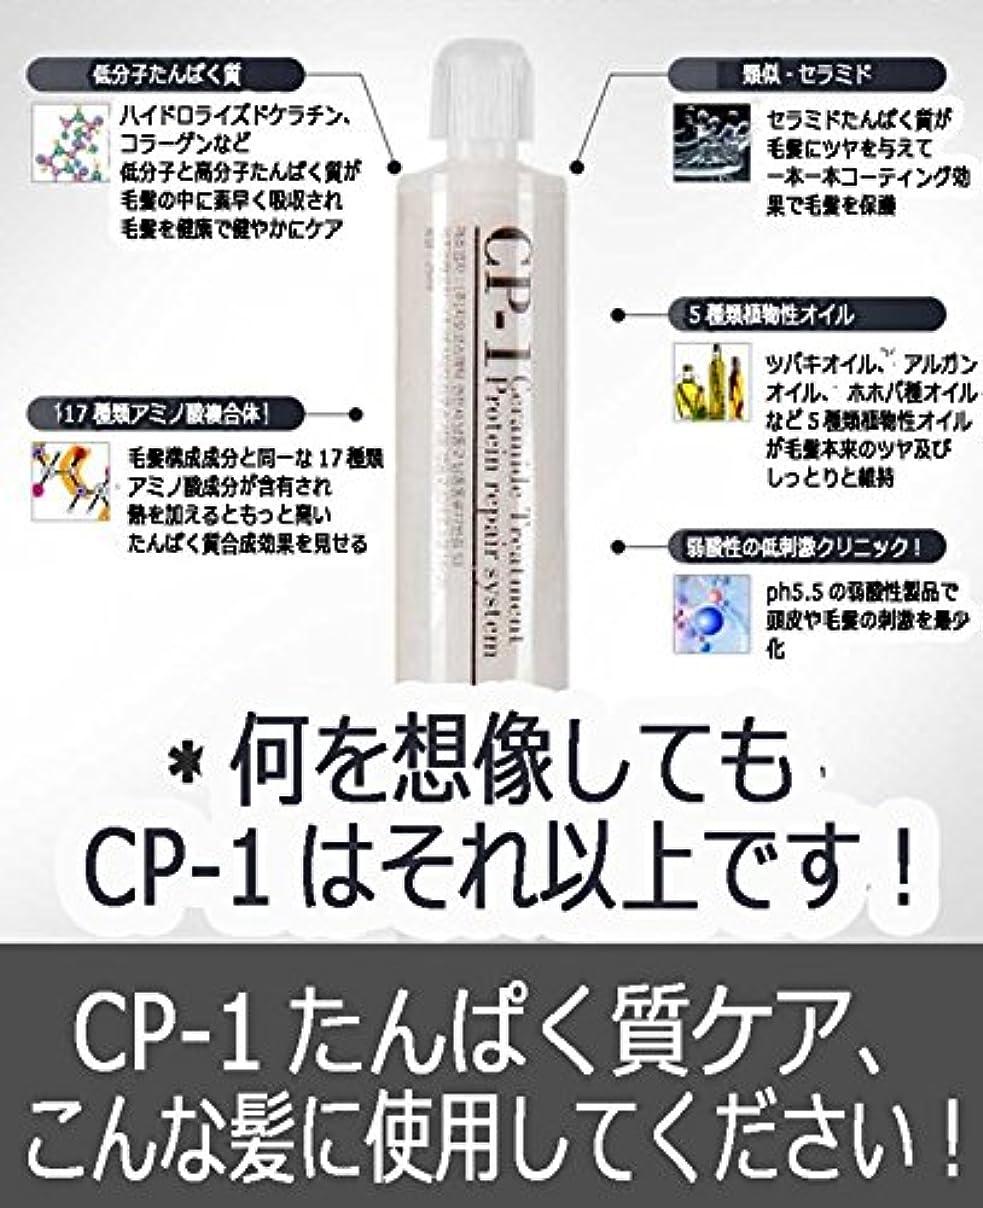 たるみ剃るゼリー[CP-1 Protein 10pcs タンパク質&セラミド] ヘア?デザイナーが先ずお勧めするタンパク質クリニック!家で簡単タンパク質の施術で、高度なサロンケアを体験!【10個入り】